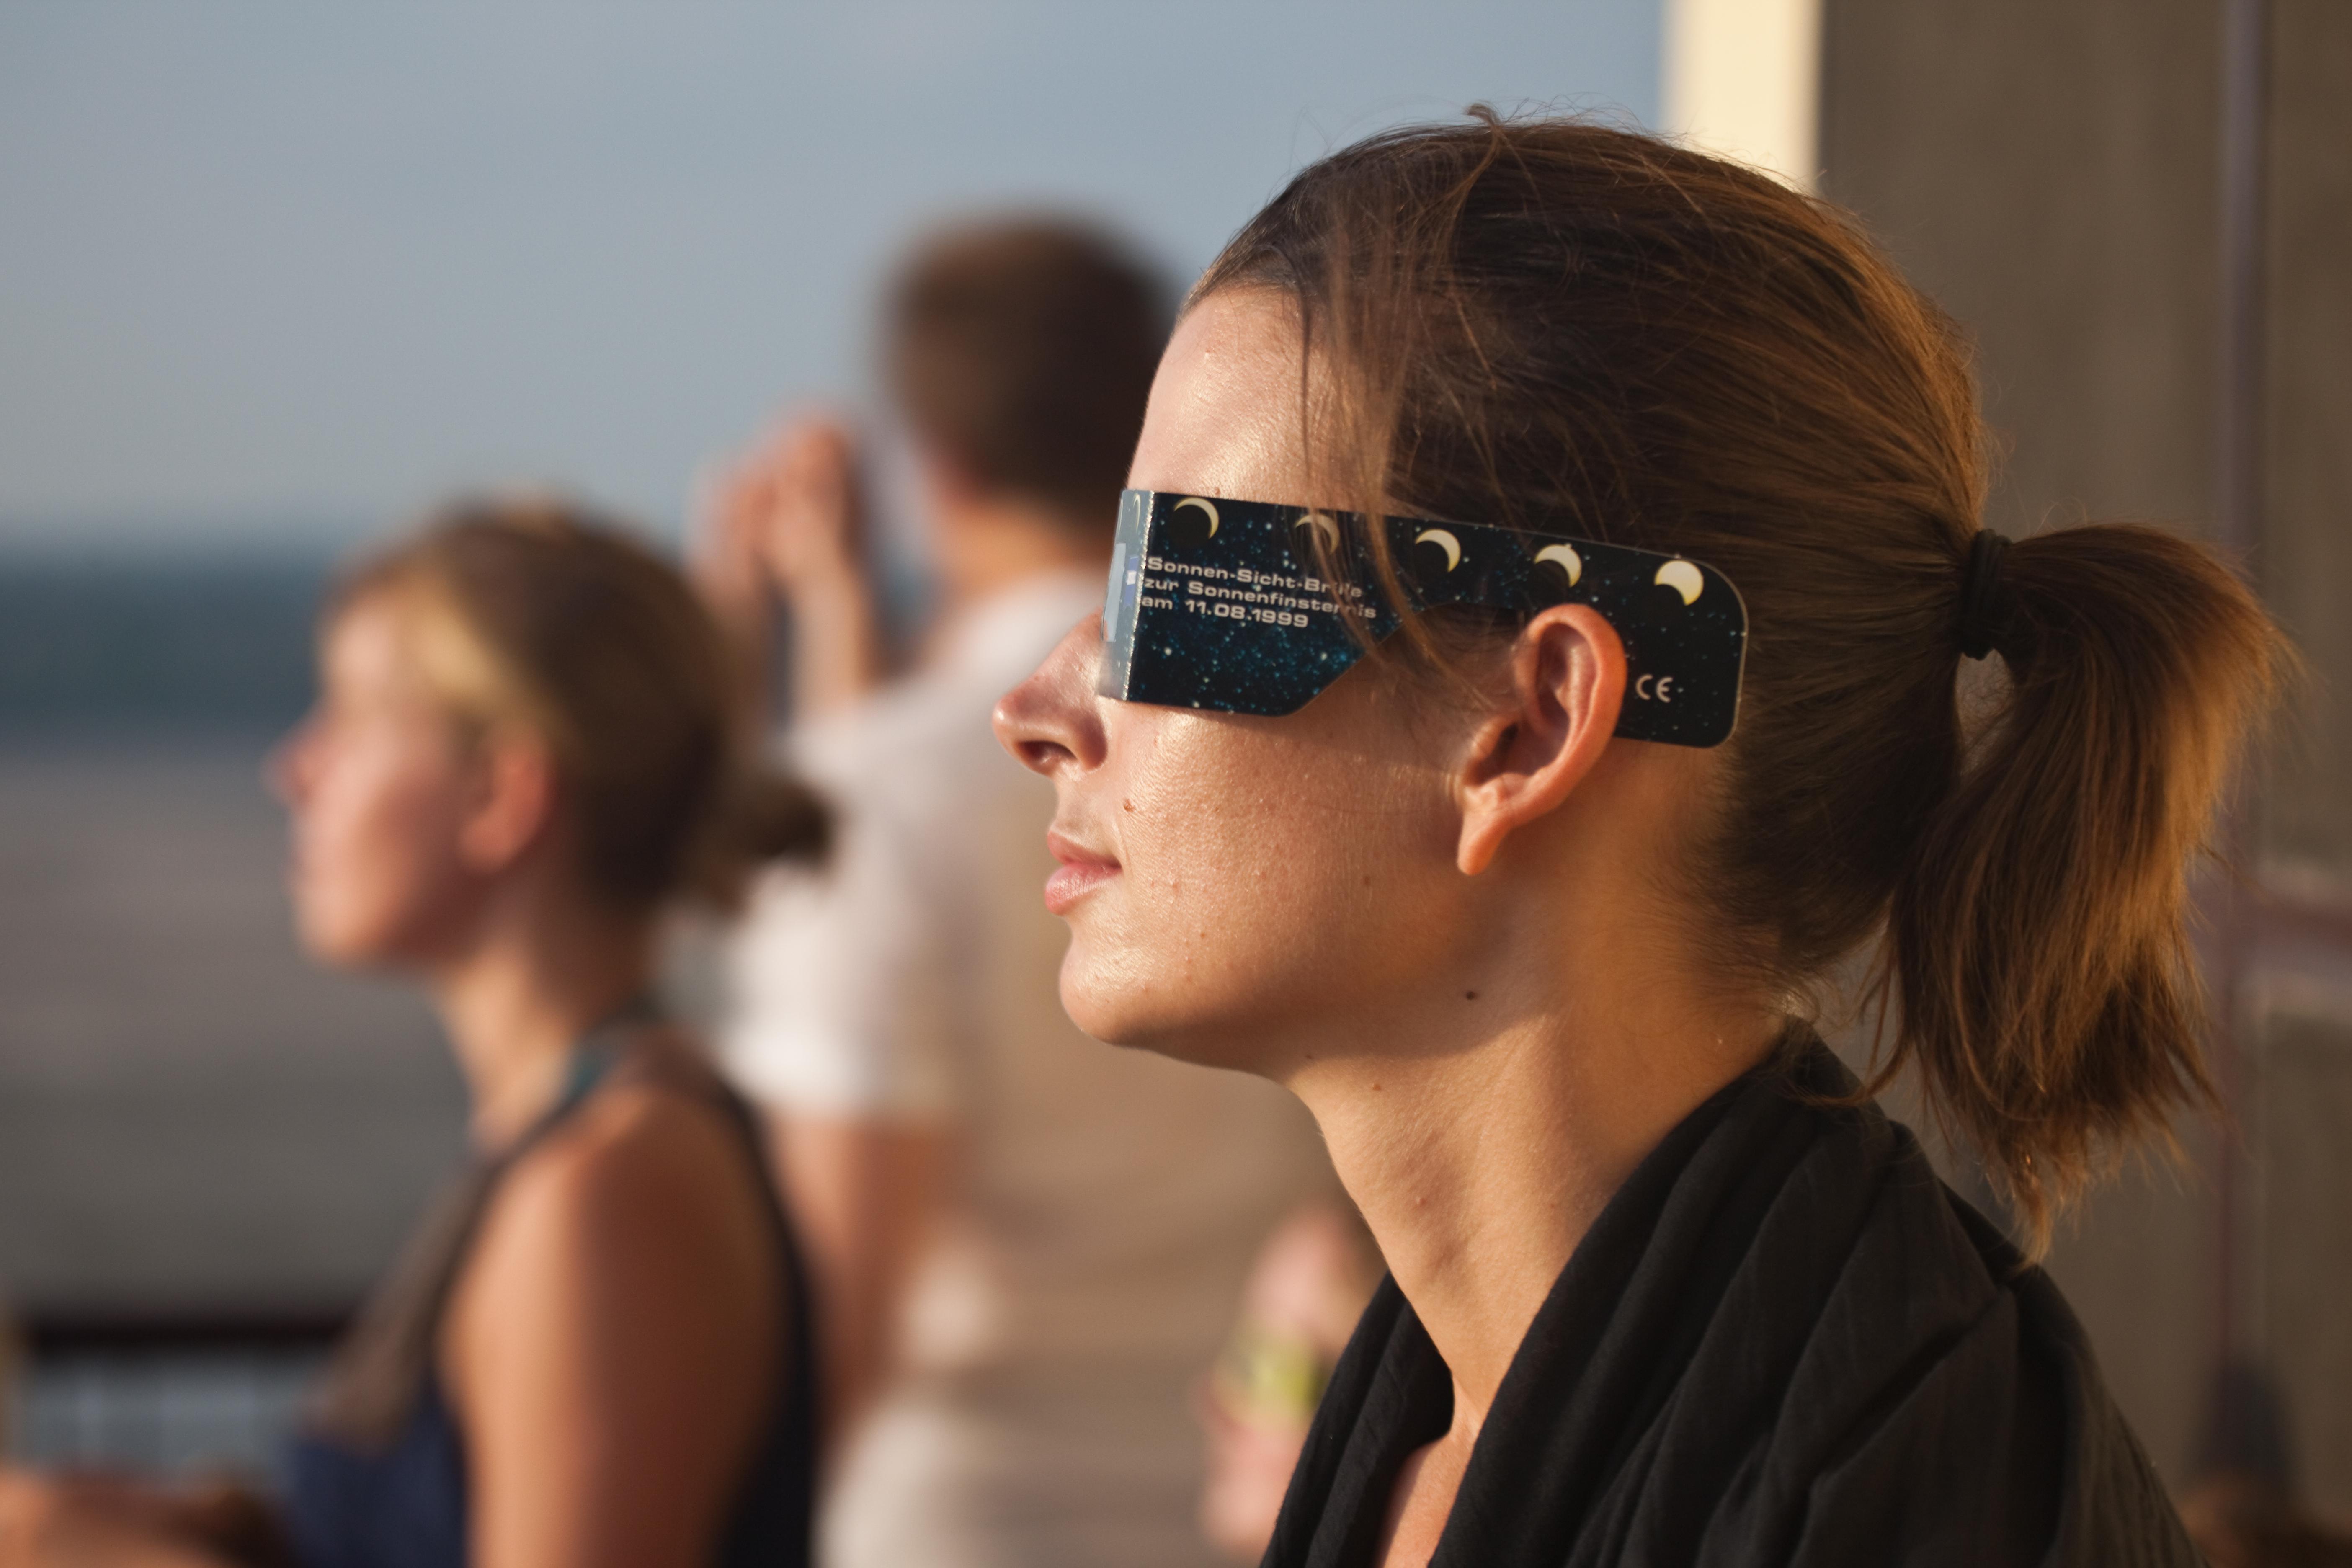 Oavsett hur stor förmörkelsen är ska du inte titta direkt mot solen utan att skydda ögonen.